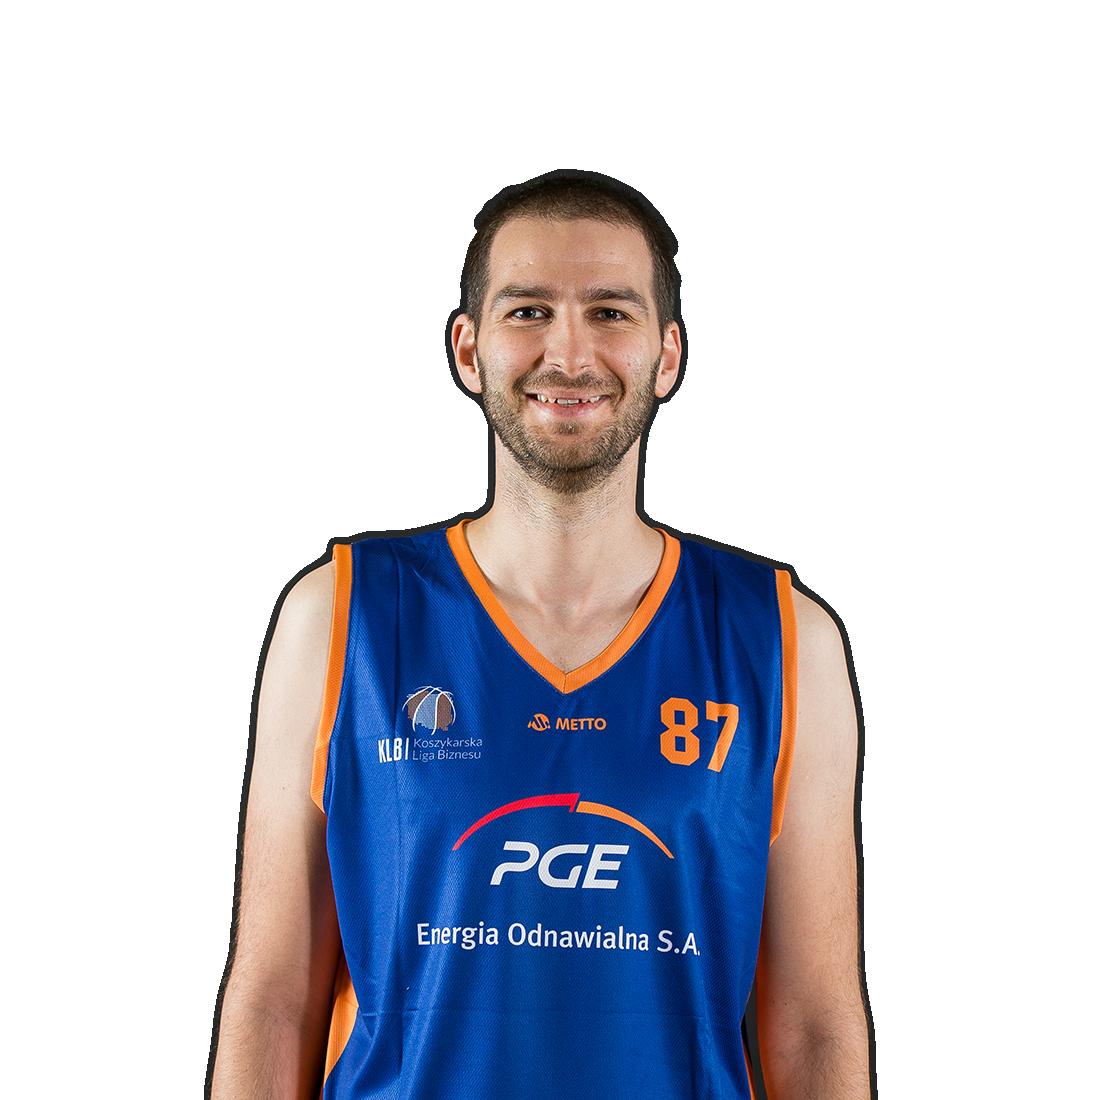 Jakub Rutka